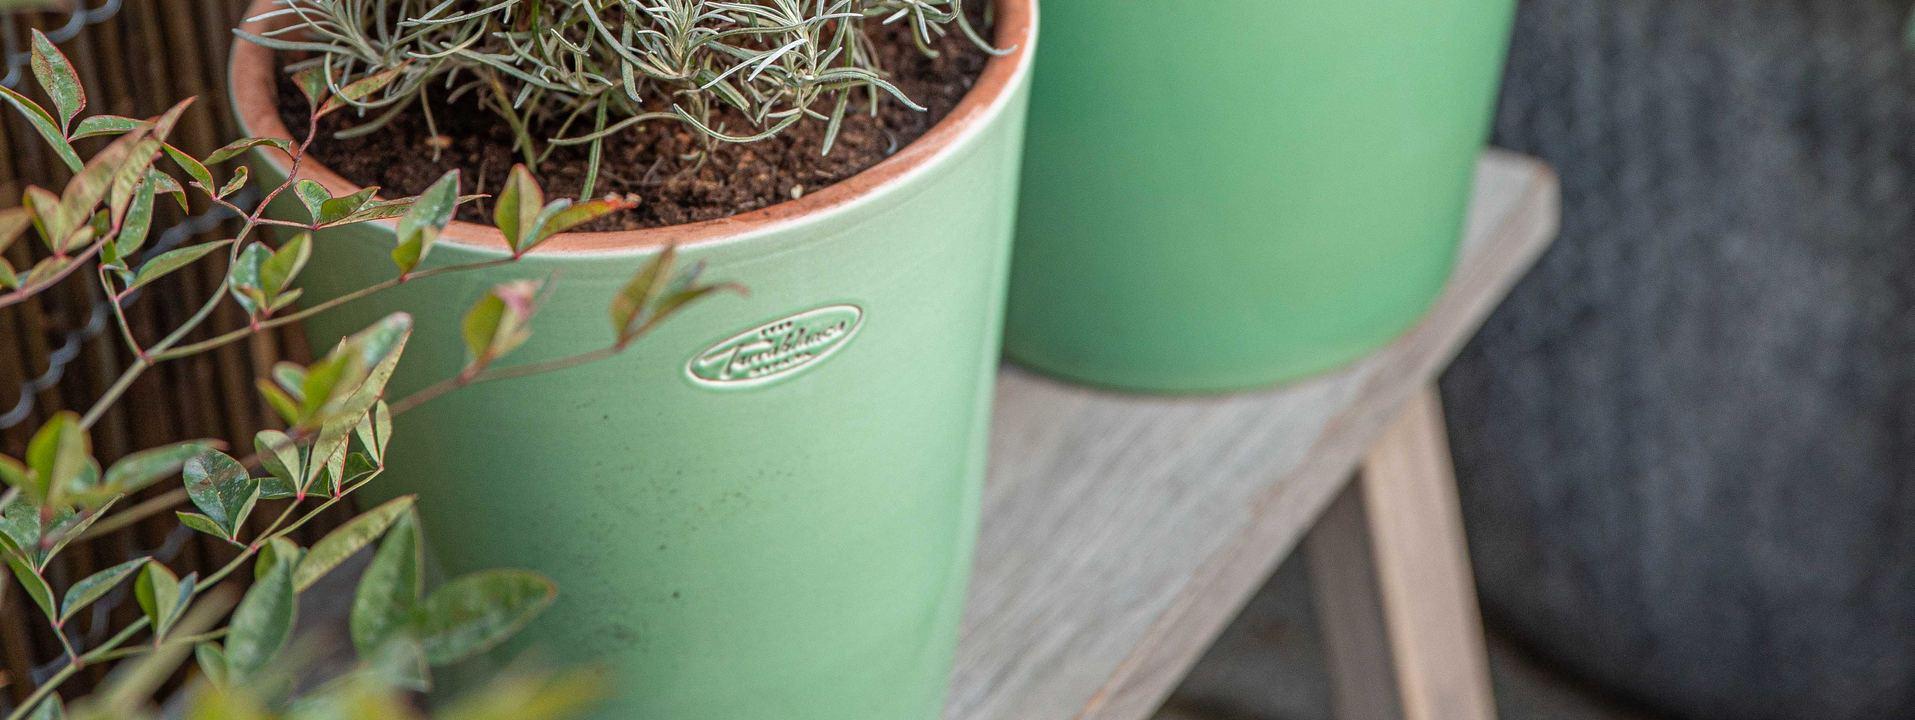 Pots en terre cuite émaillée